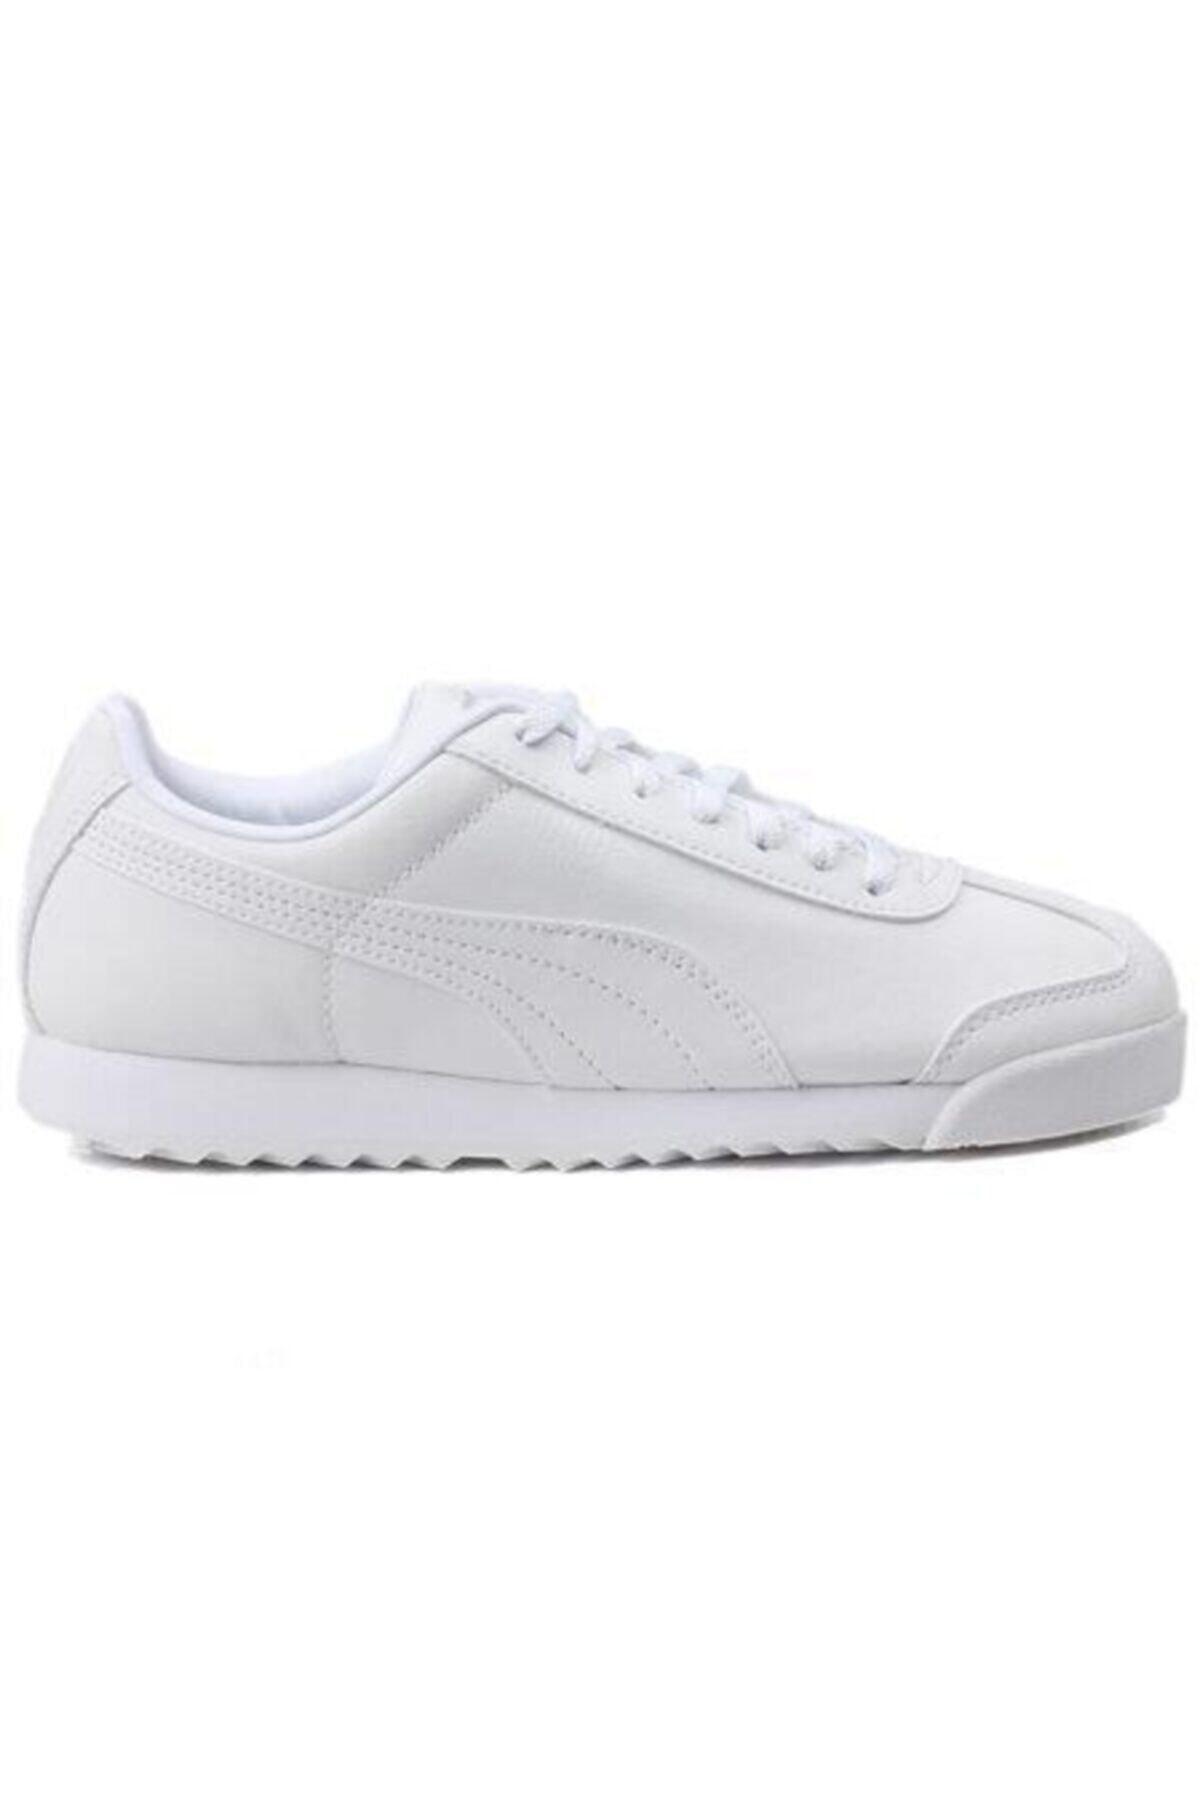 Puma ROMA BASIC JR-2 Beyaz Erkek Çocuk Sneaker Ayakkabı 100257200 1